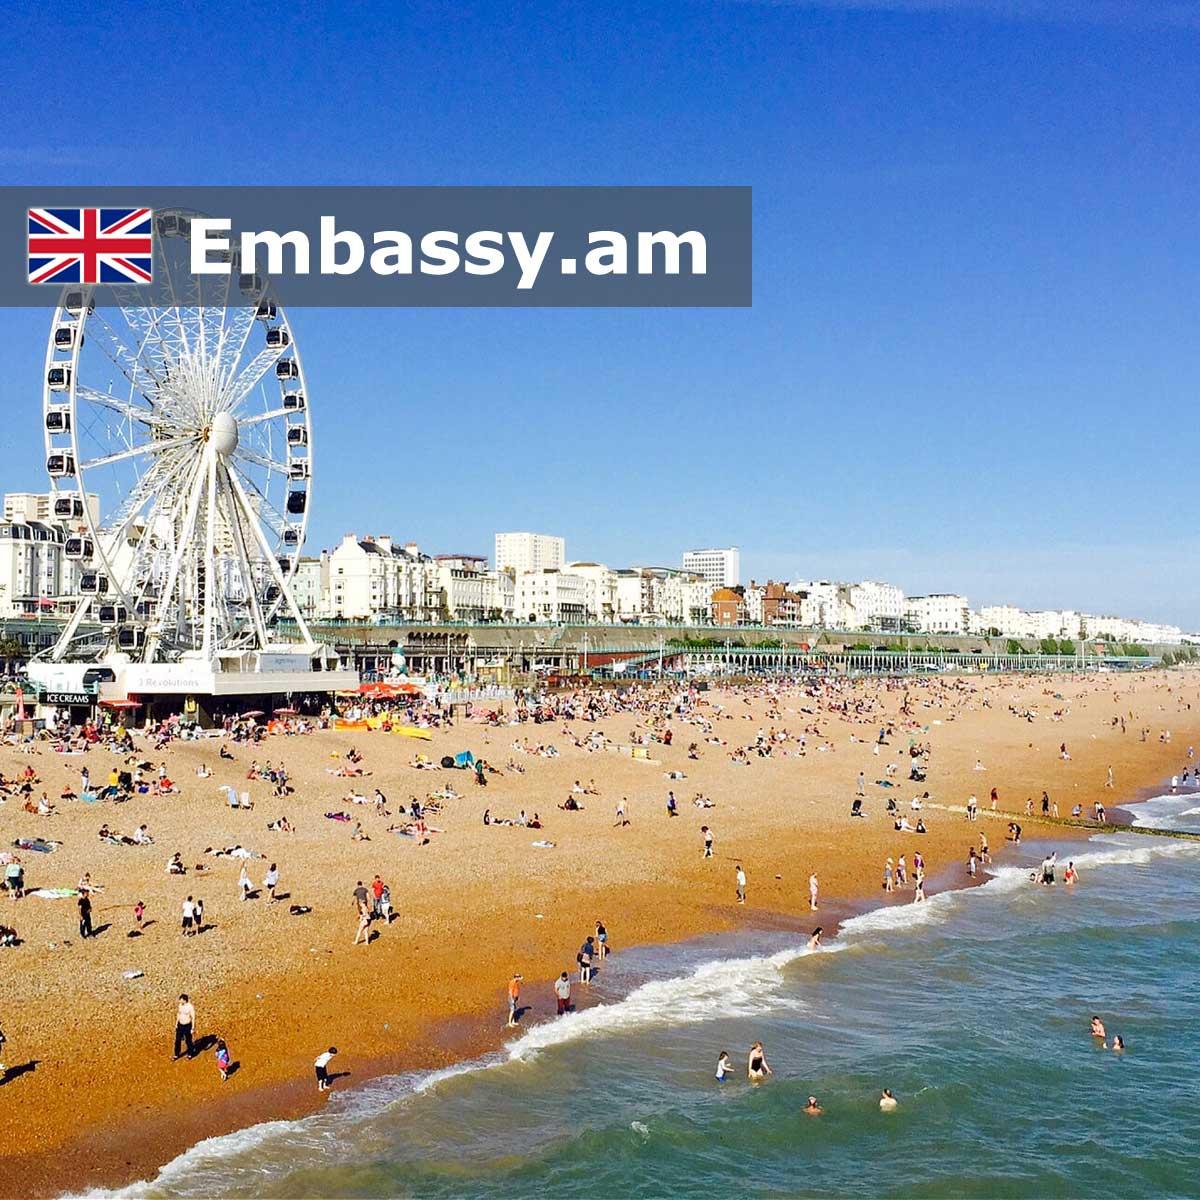 Brighton - Hotels in United Kingdom - Embassy.am